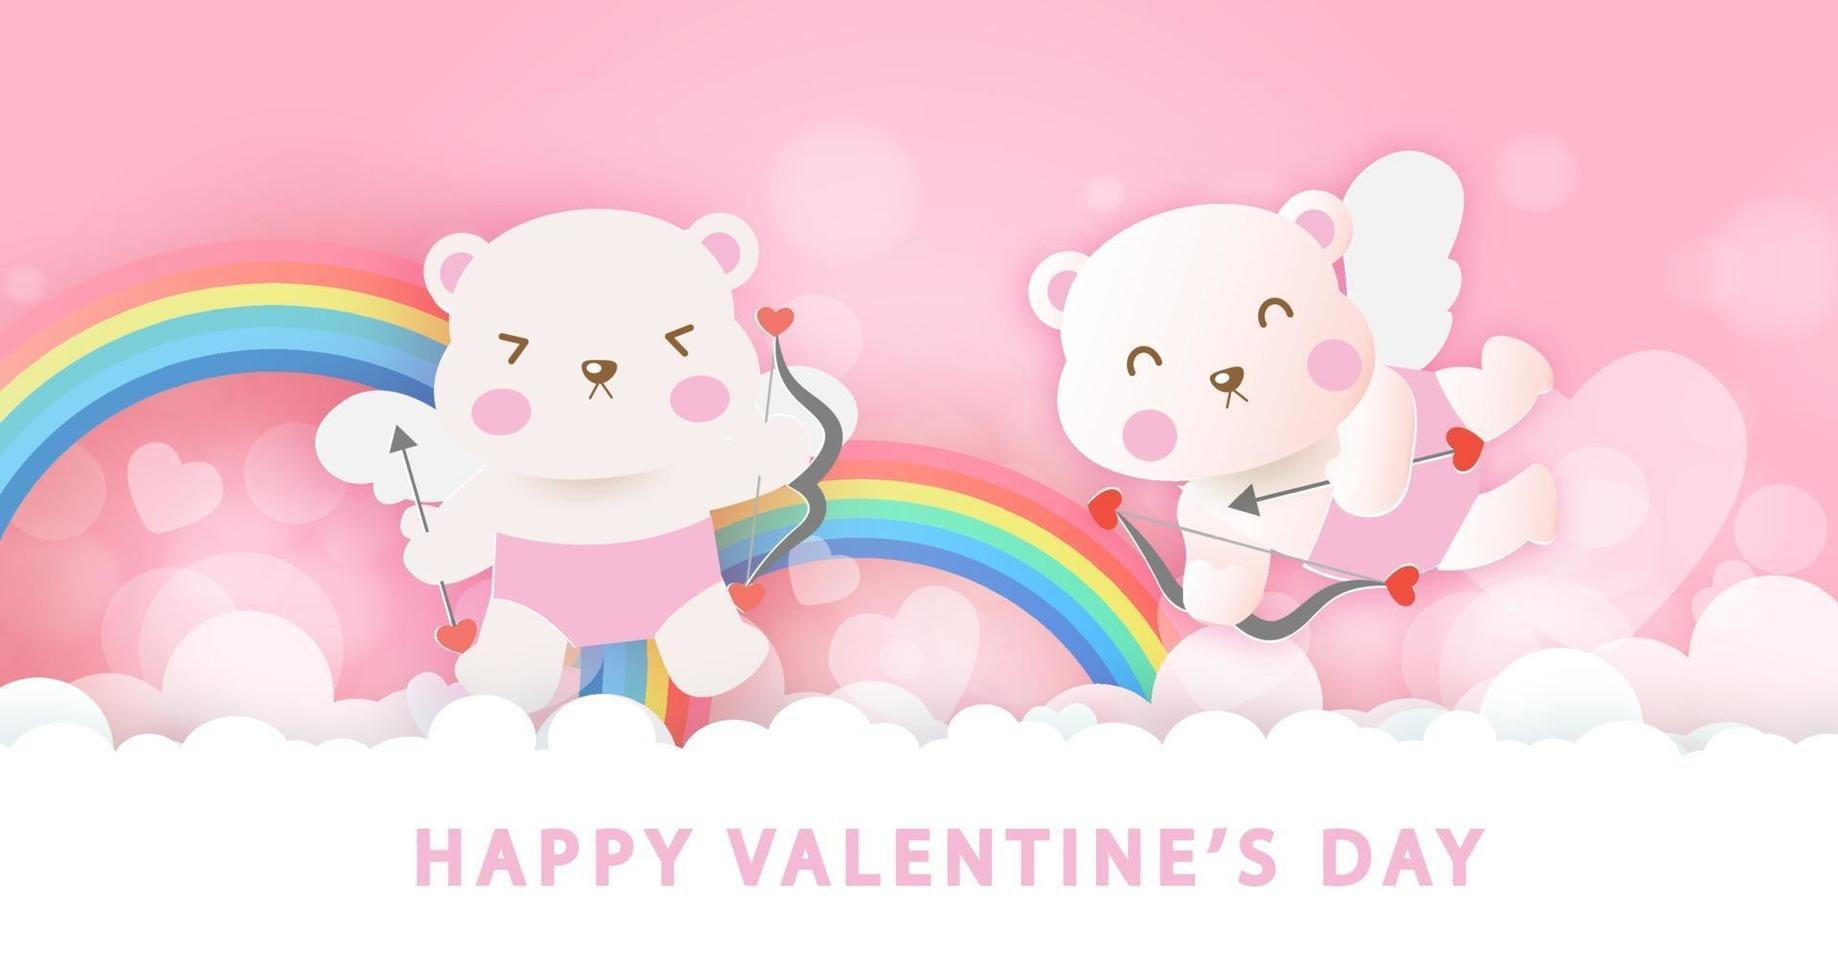 Valentijnsdag wenskaart met schattige cupido beren en regenbogen. vector